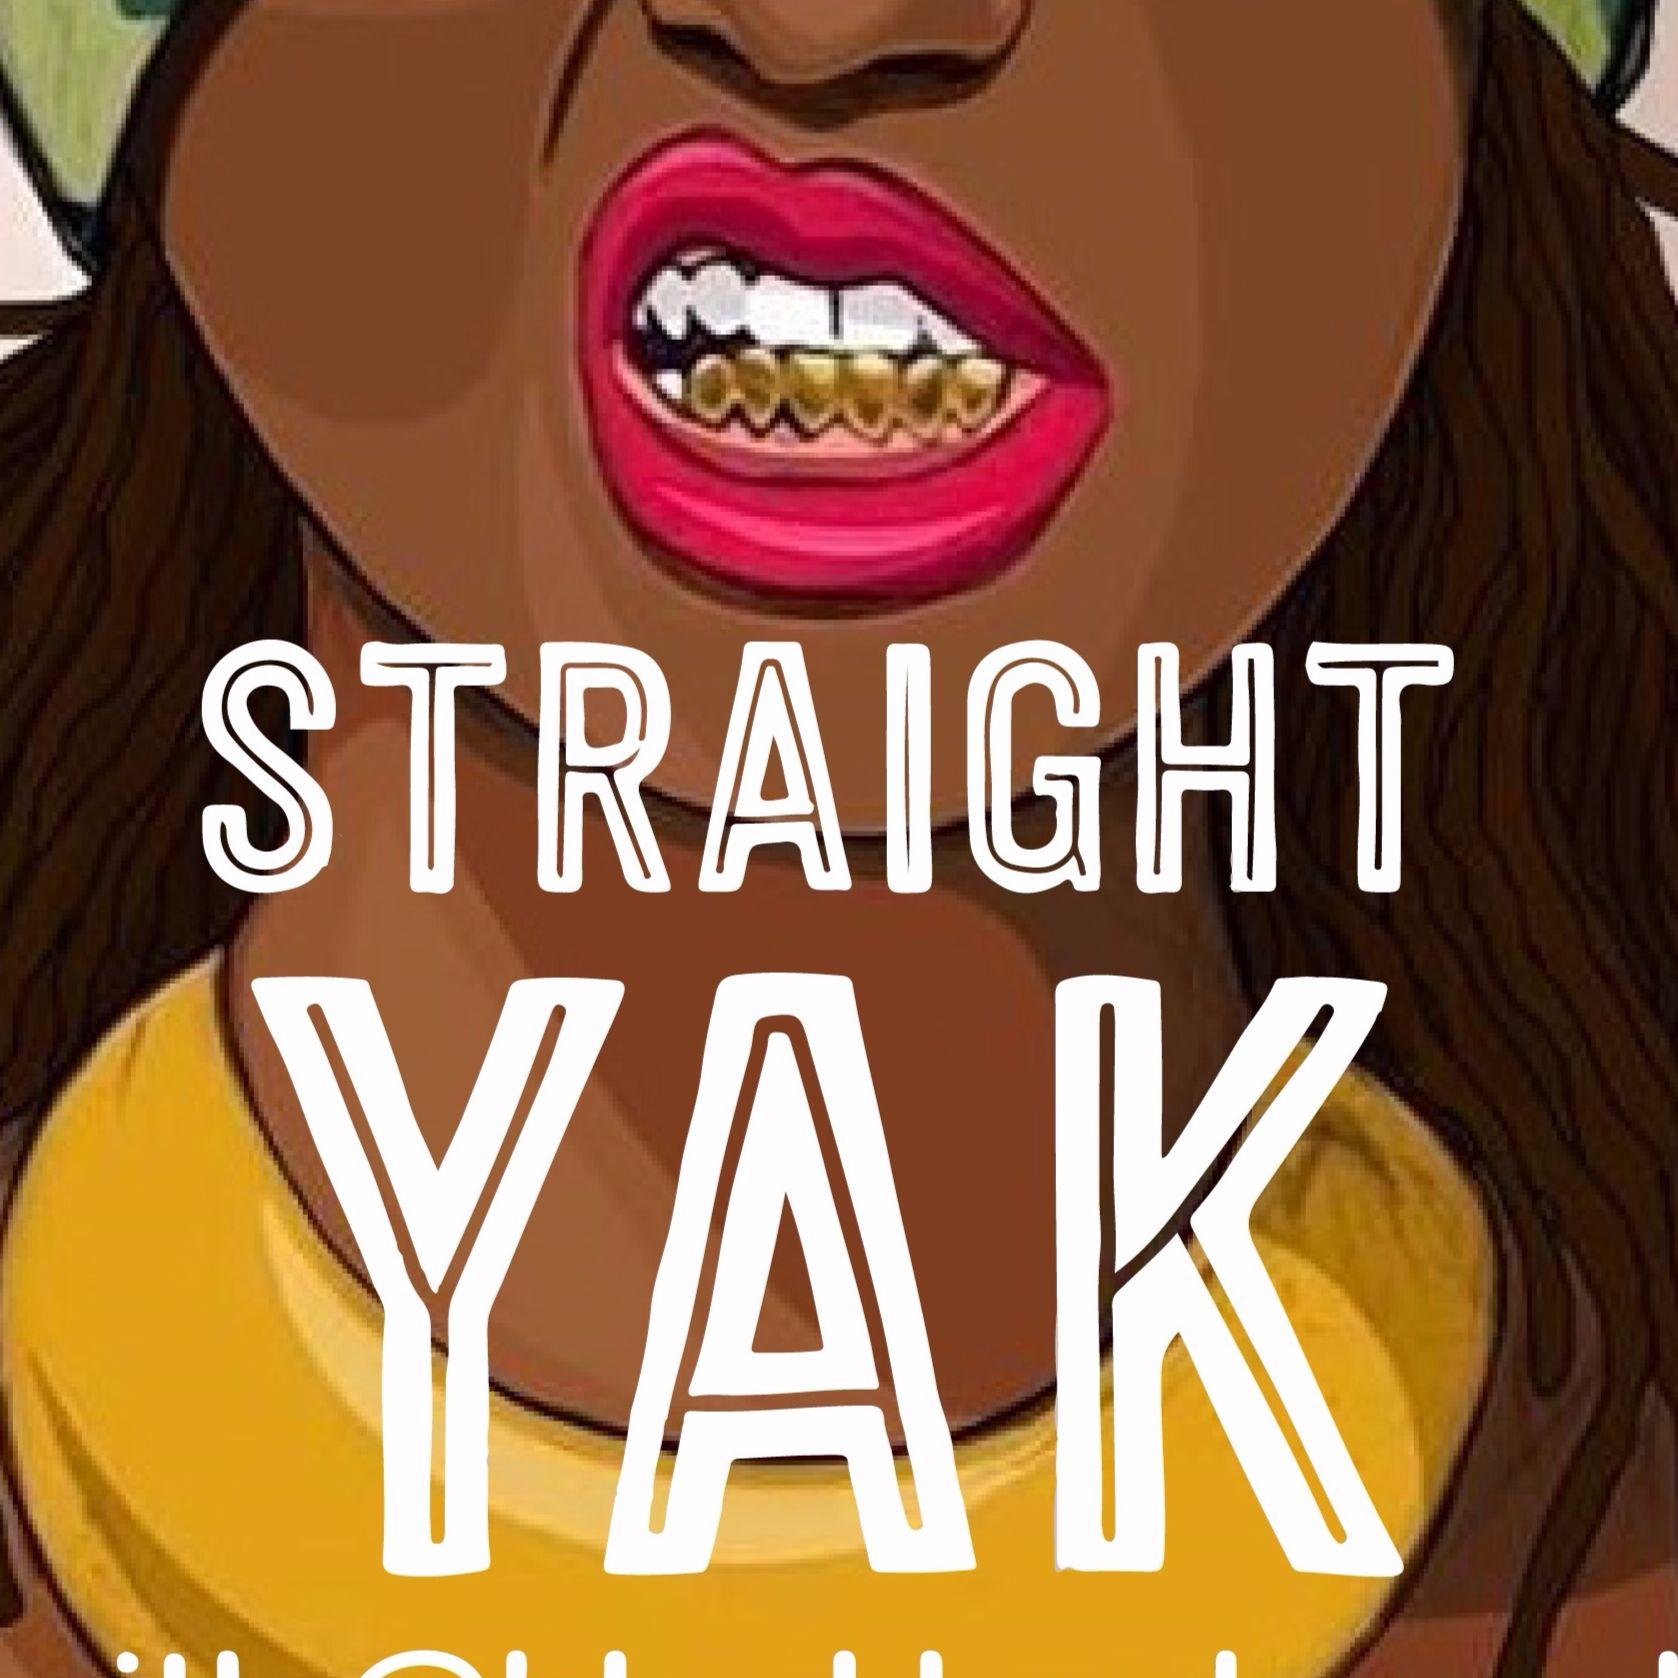 StraightYAK